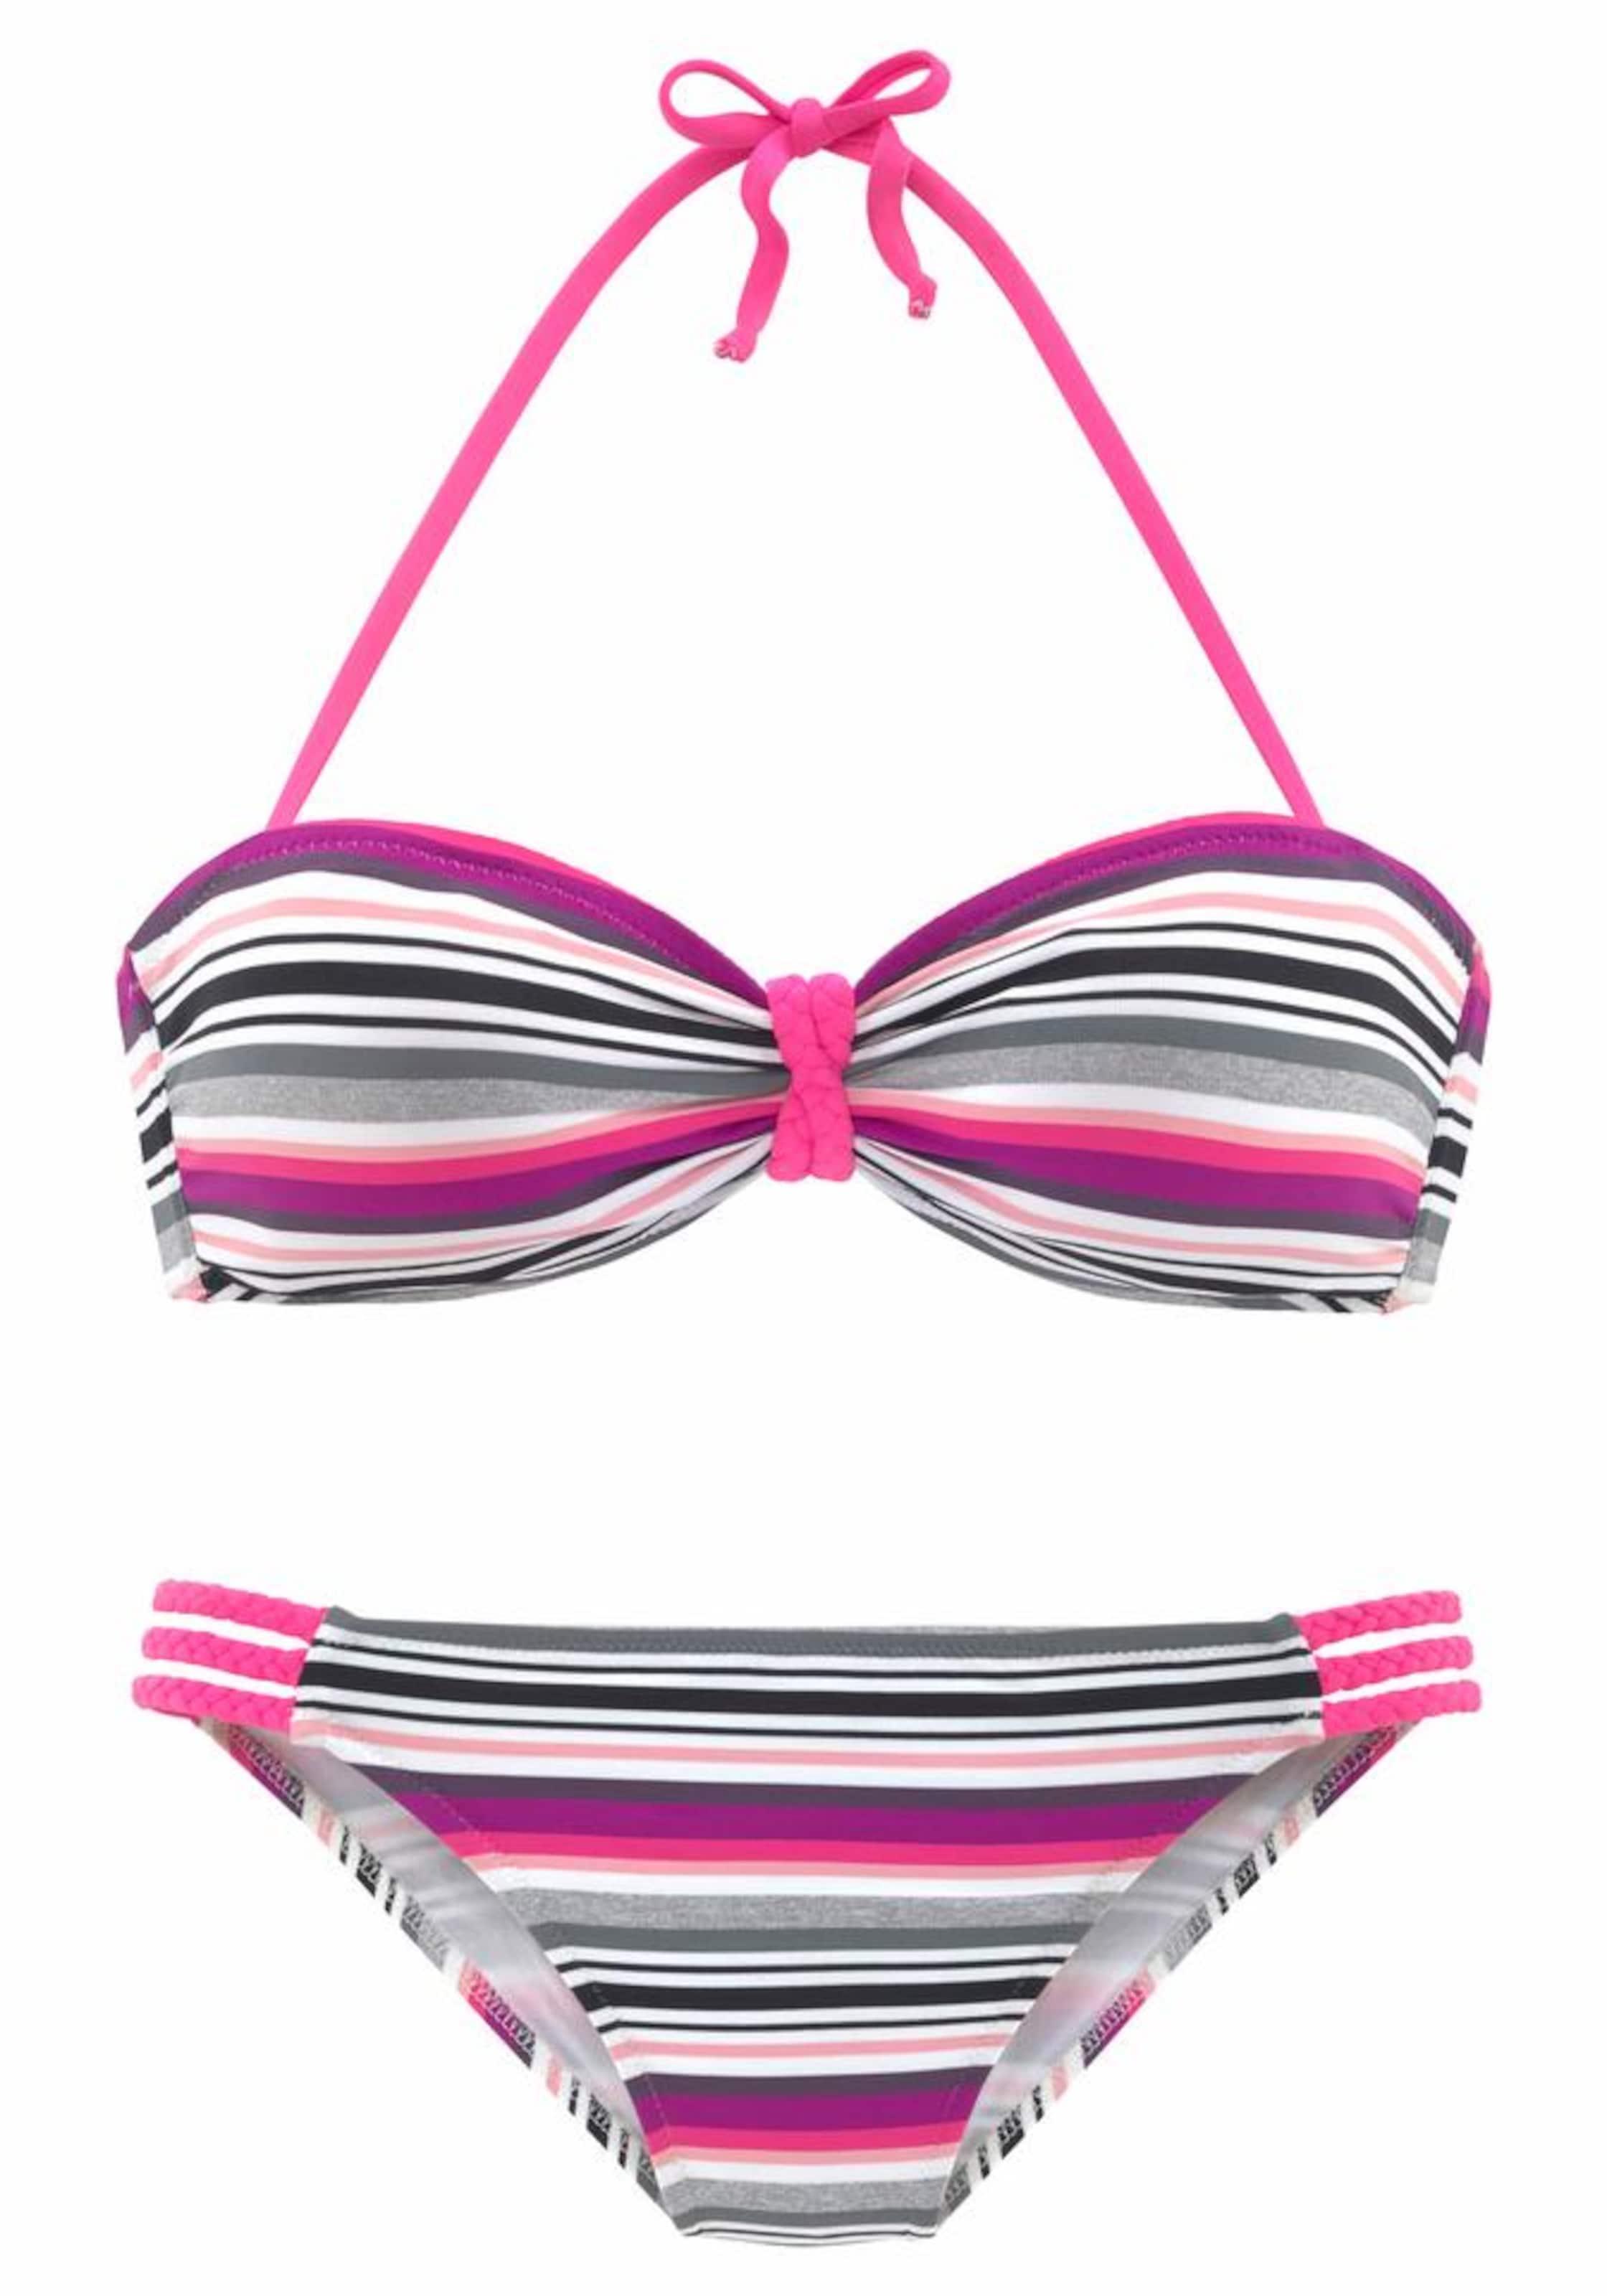 VENICE BEACH Bandeau-Bikini Erhalten Online Kaufen Spielraum Günstiger Preis Günstig Kaufen Spielraum Store Online-Suche Zu Verkaufen ofItYV